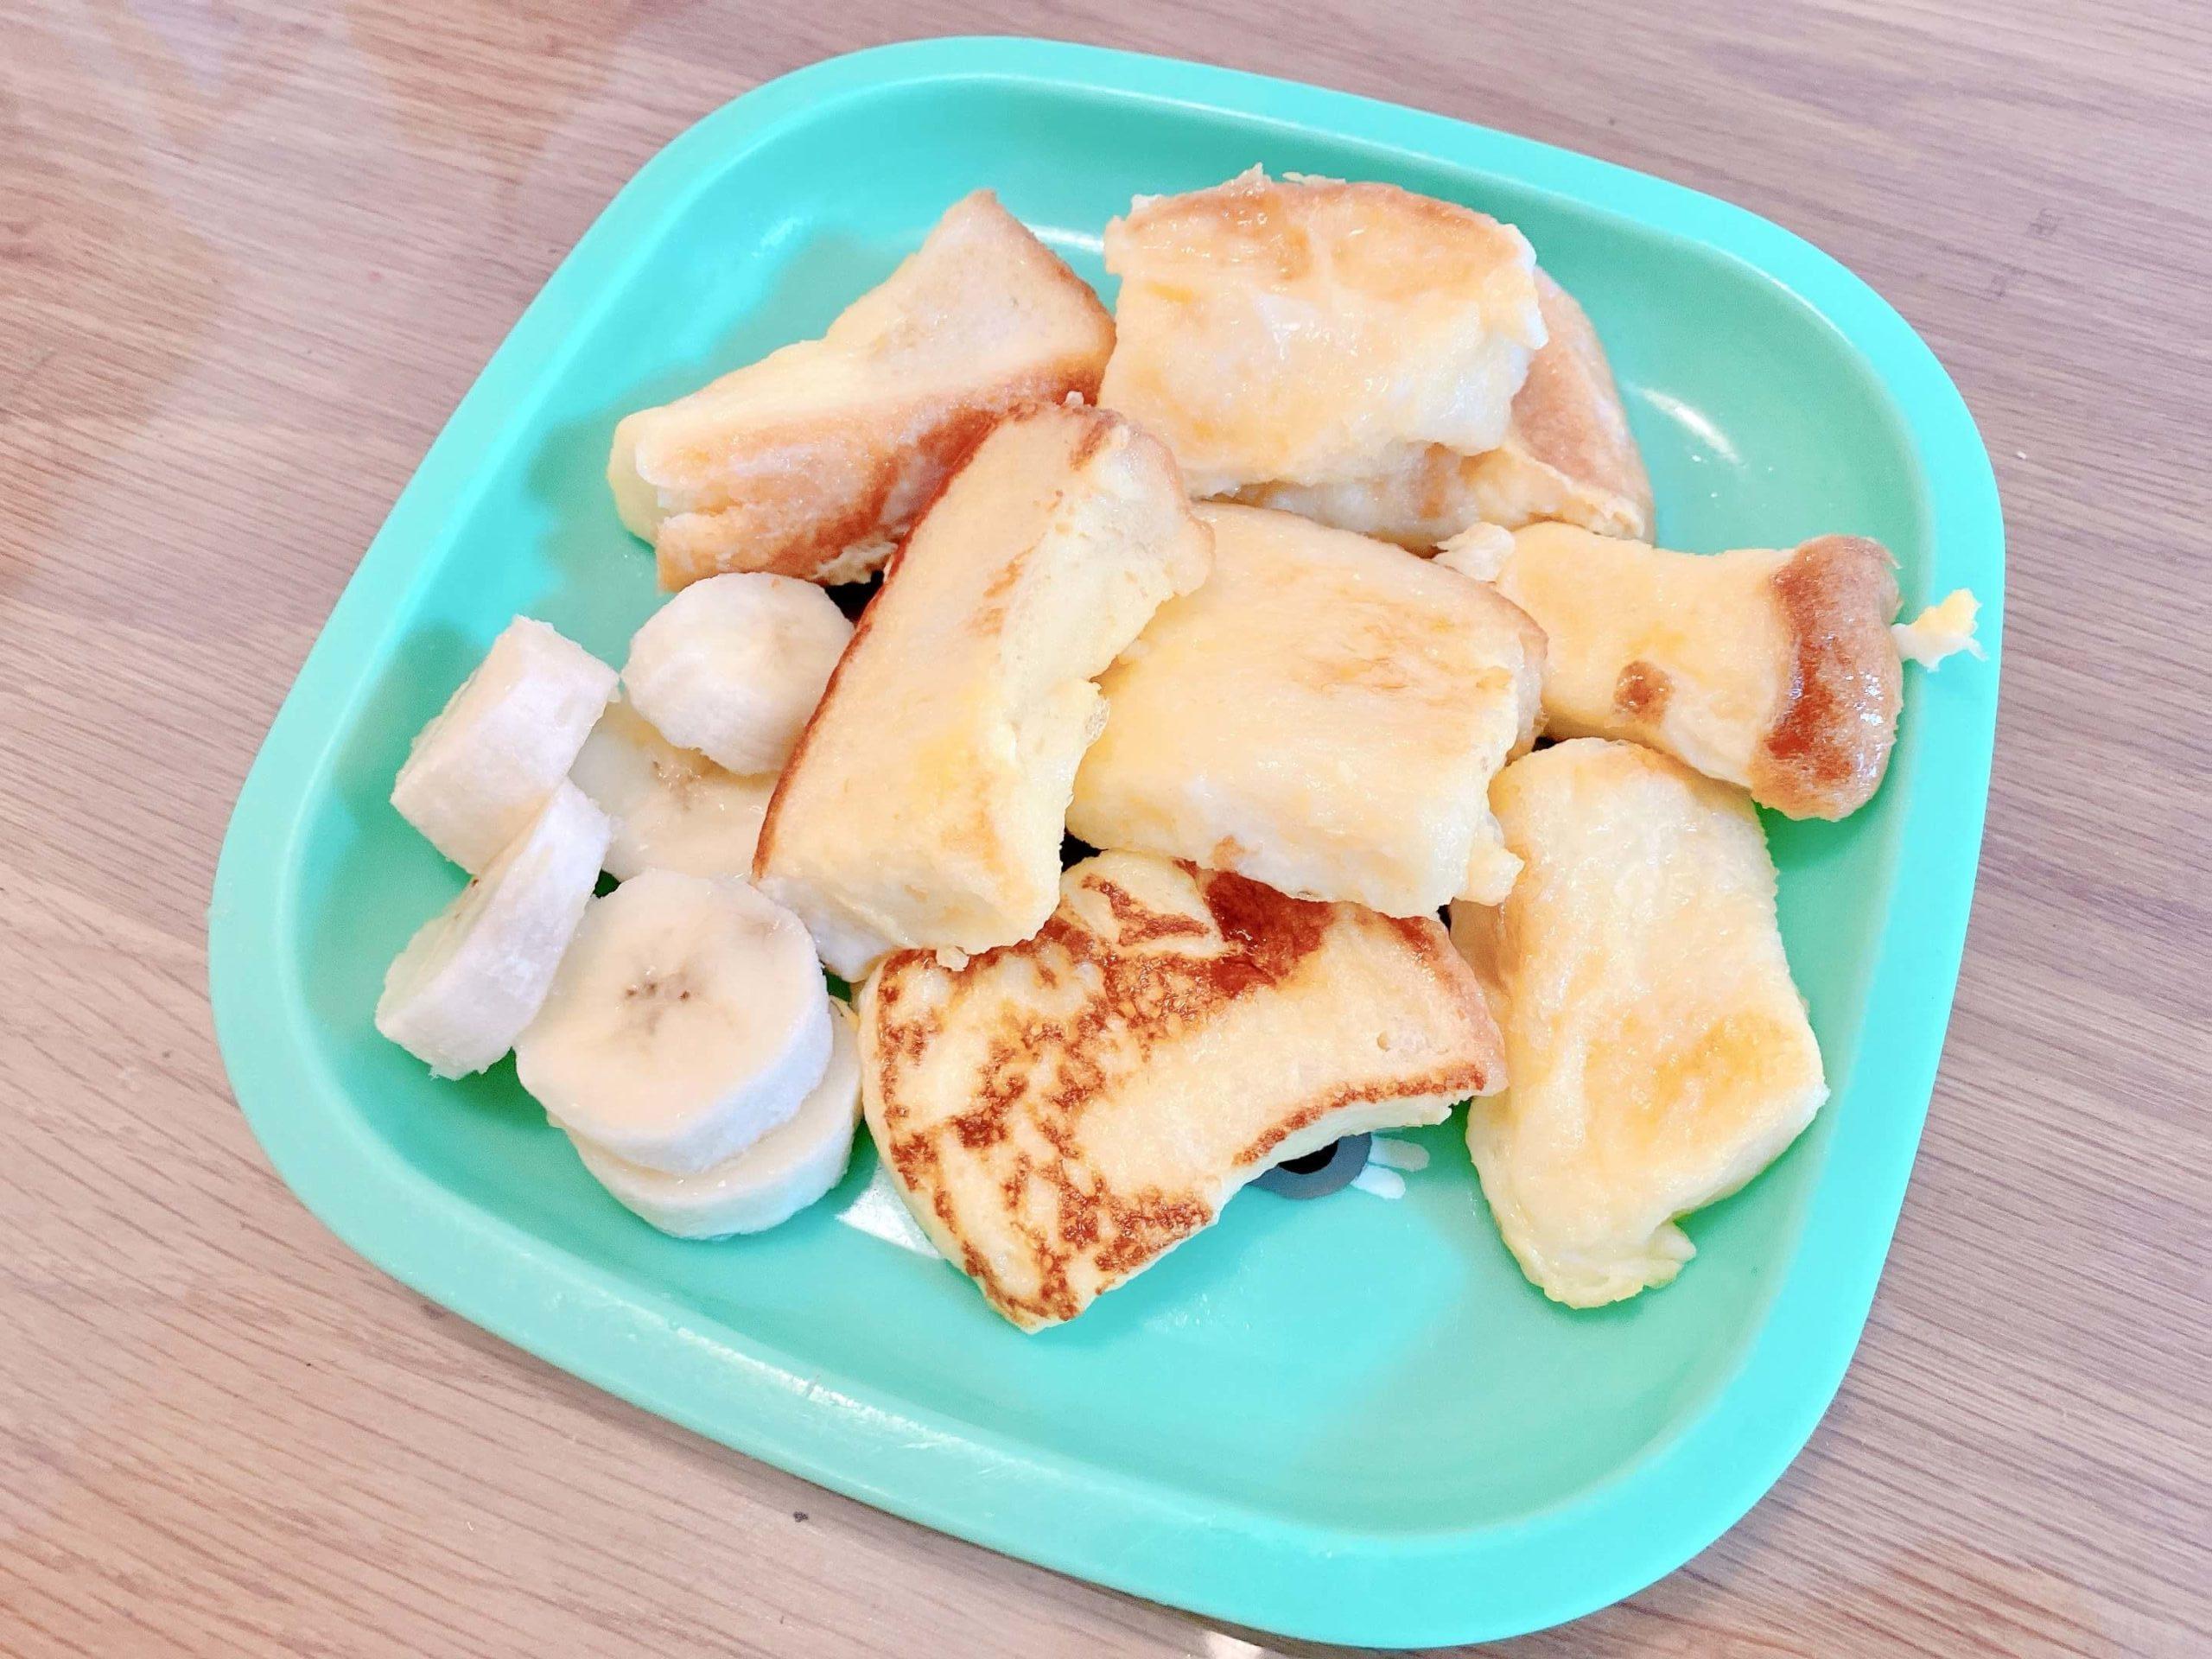 成城石井で購入したエシレバターを使ったフレンチトースト